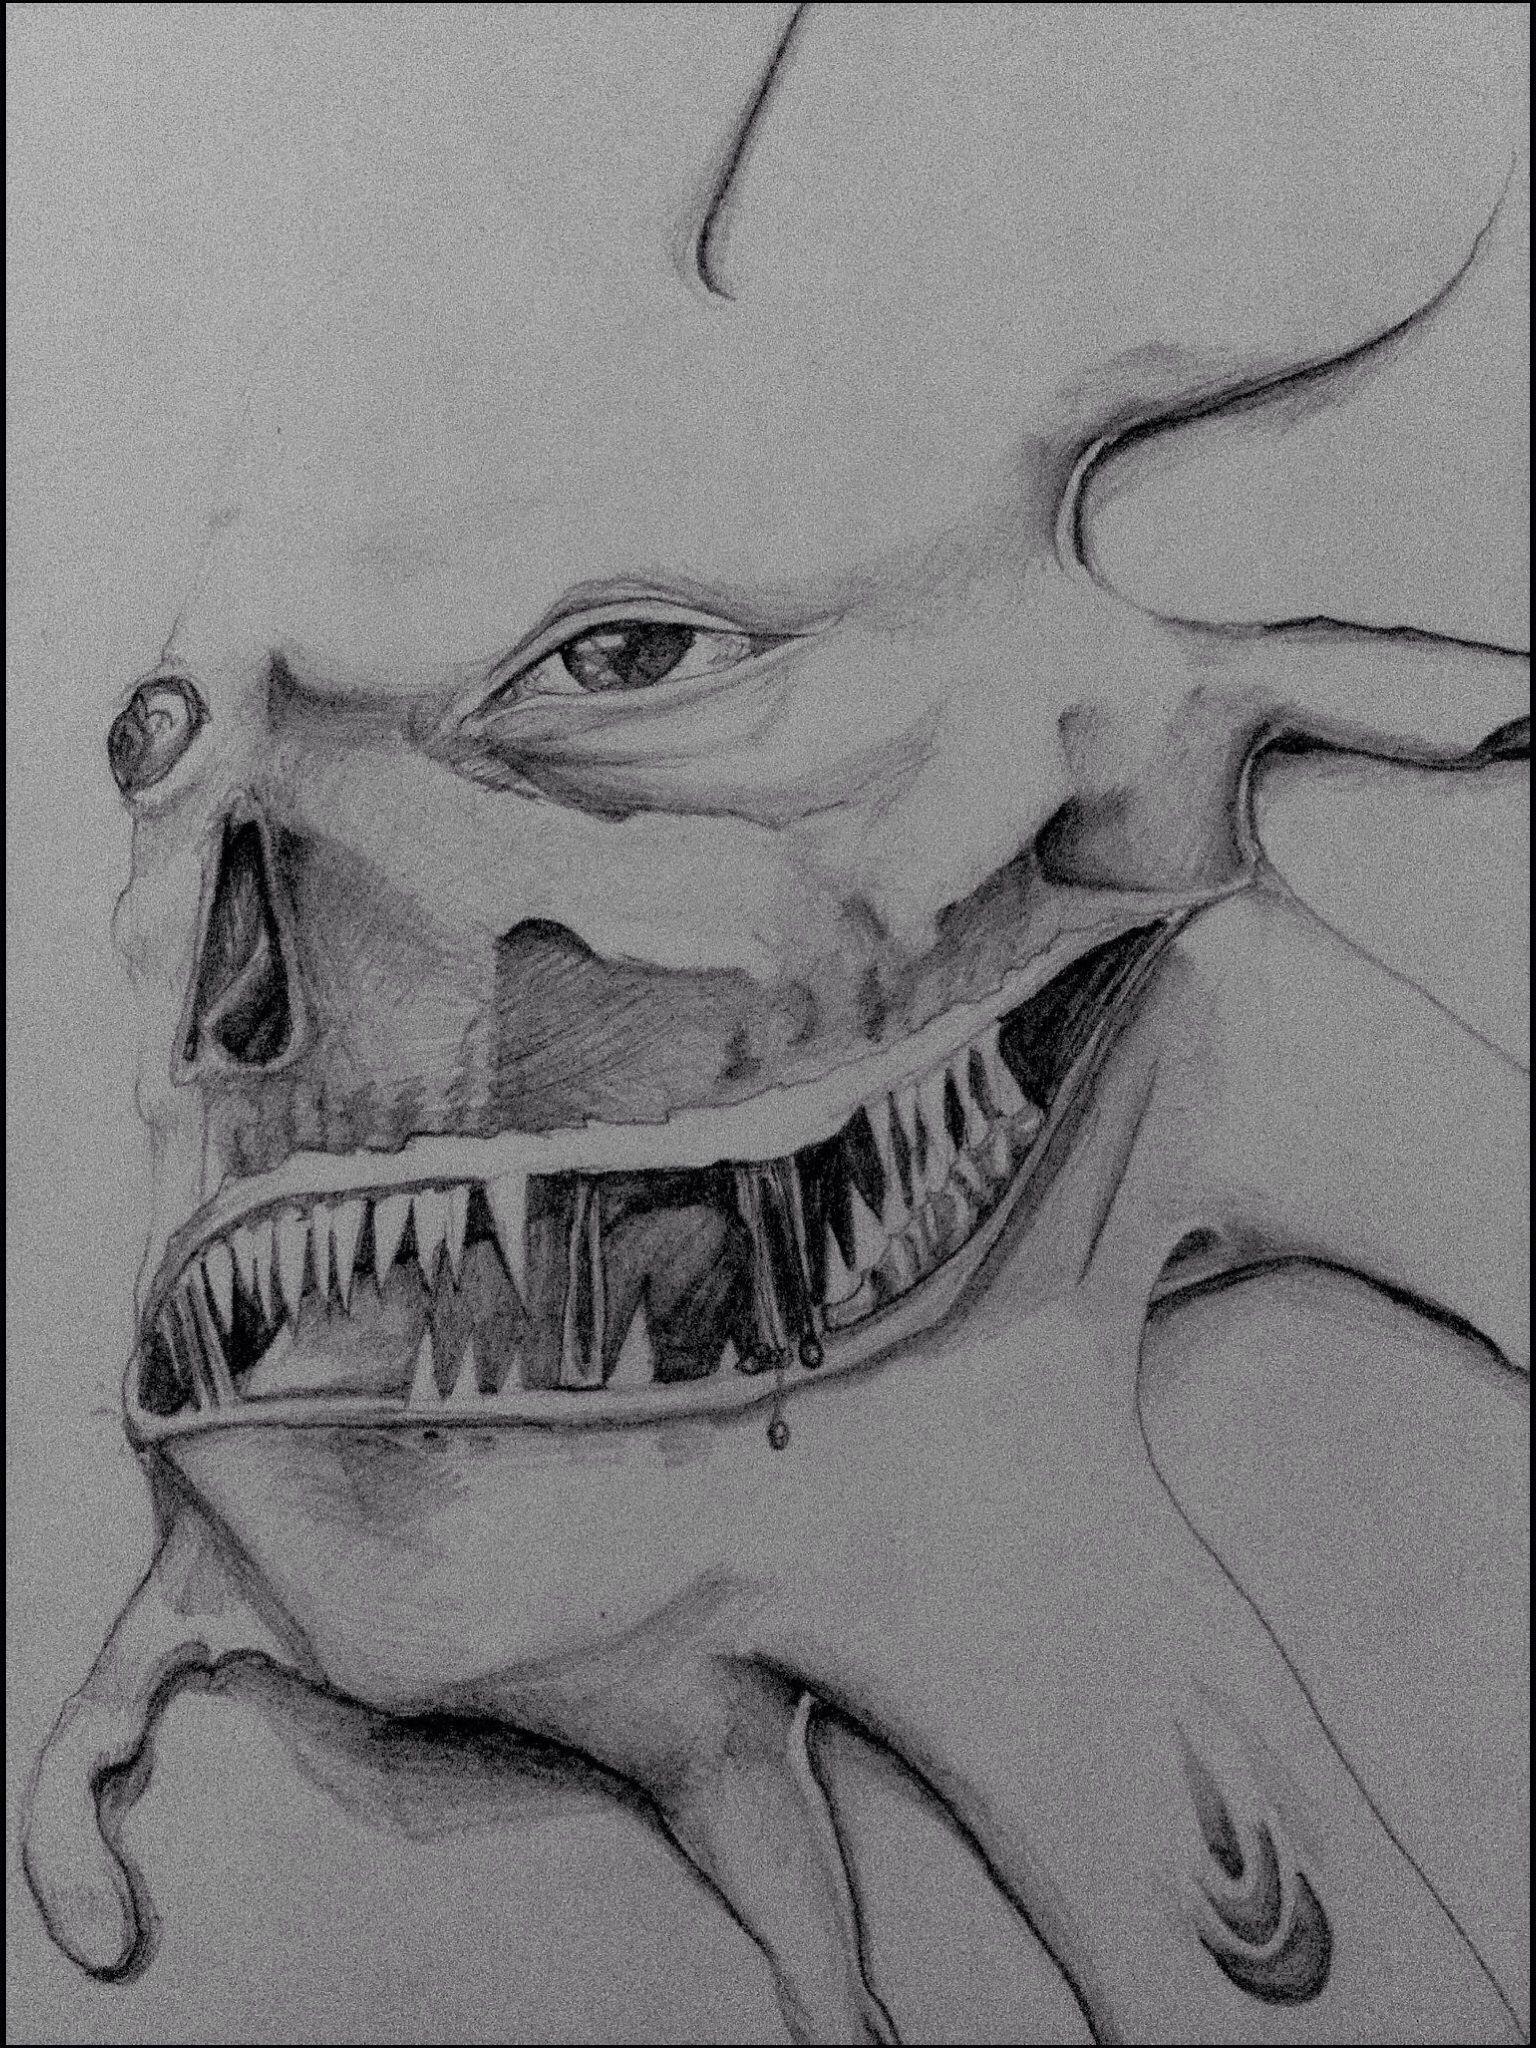 Fratze Face Monster Illustration Zeichnung bleistift | Sketches ...